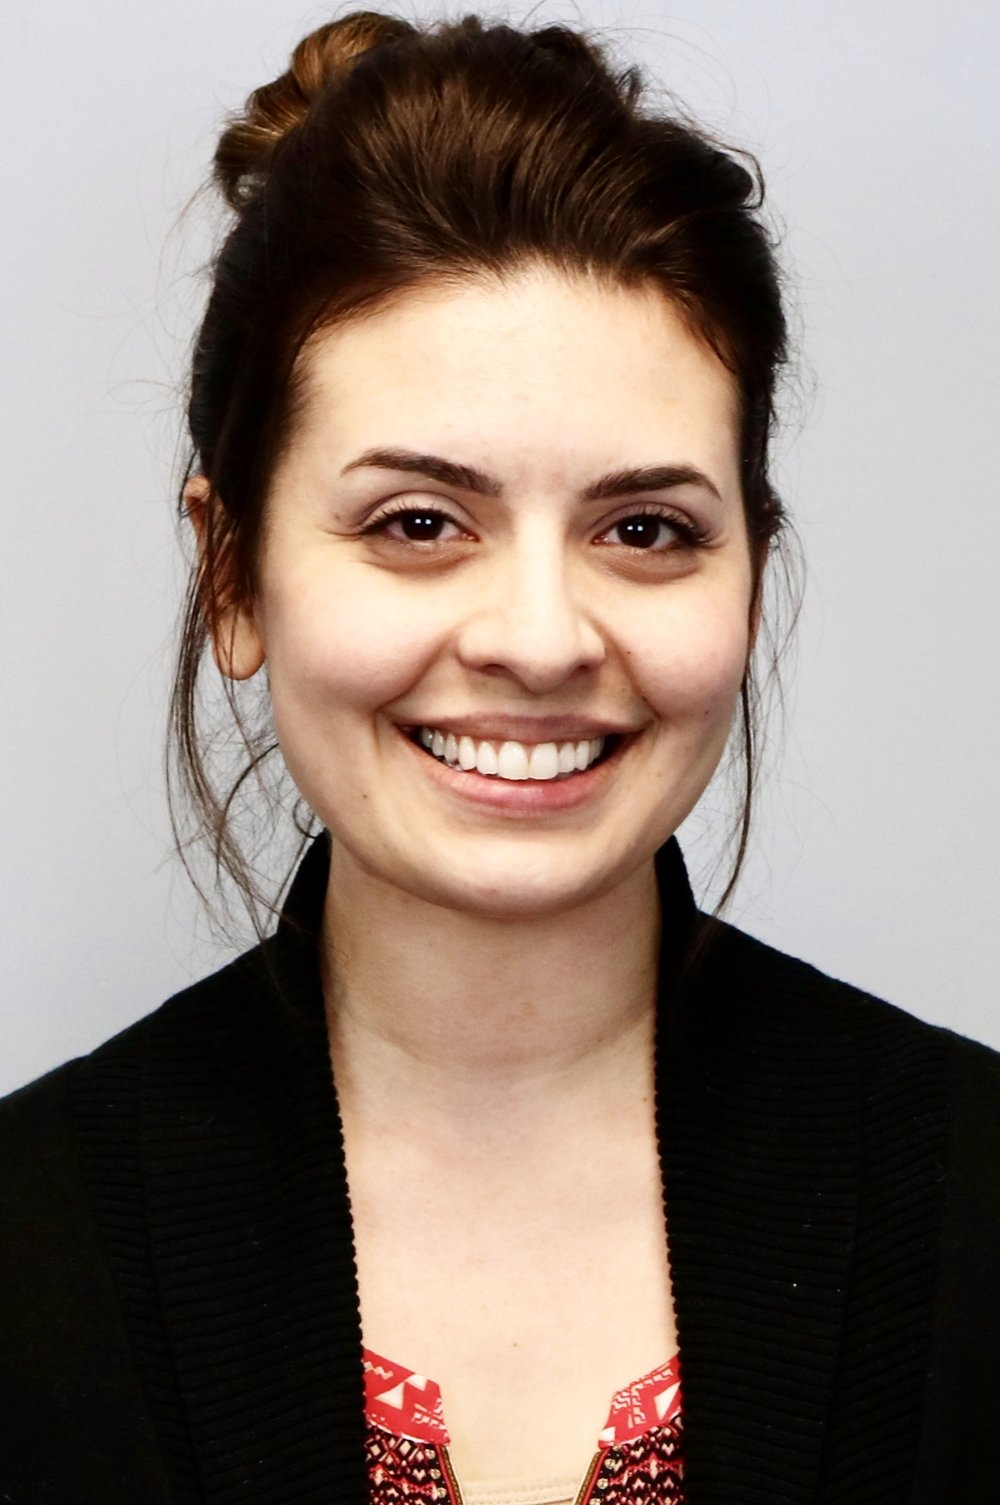 Laura Snedaker